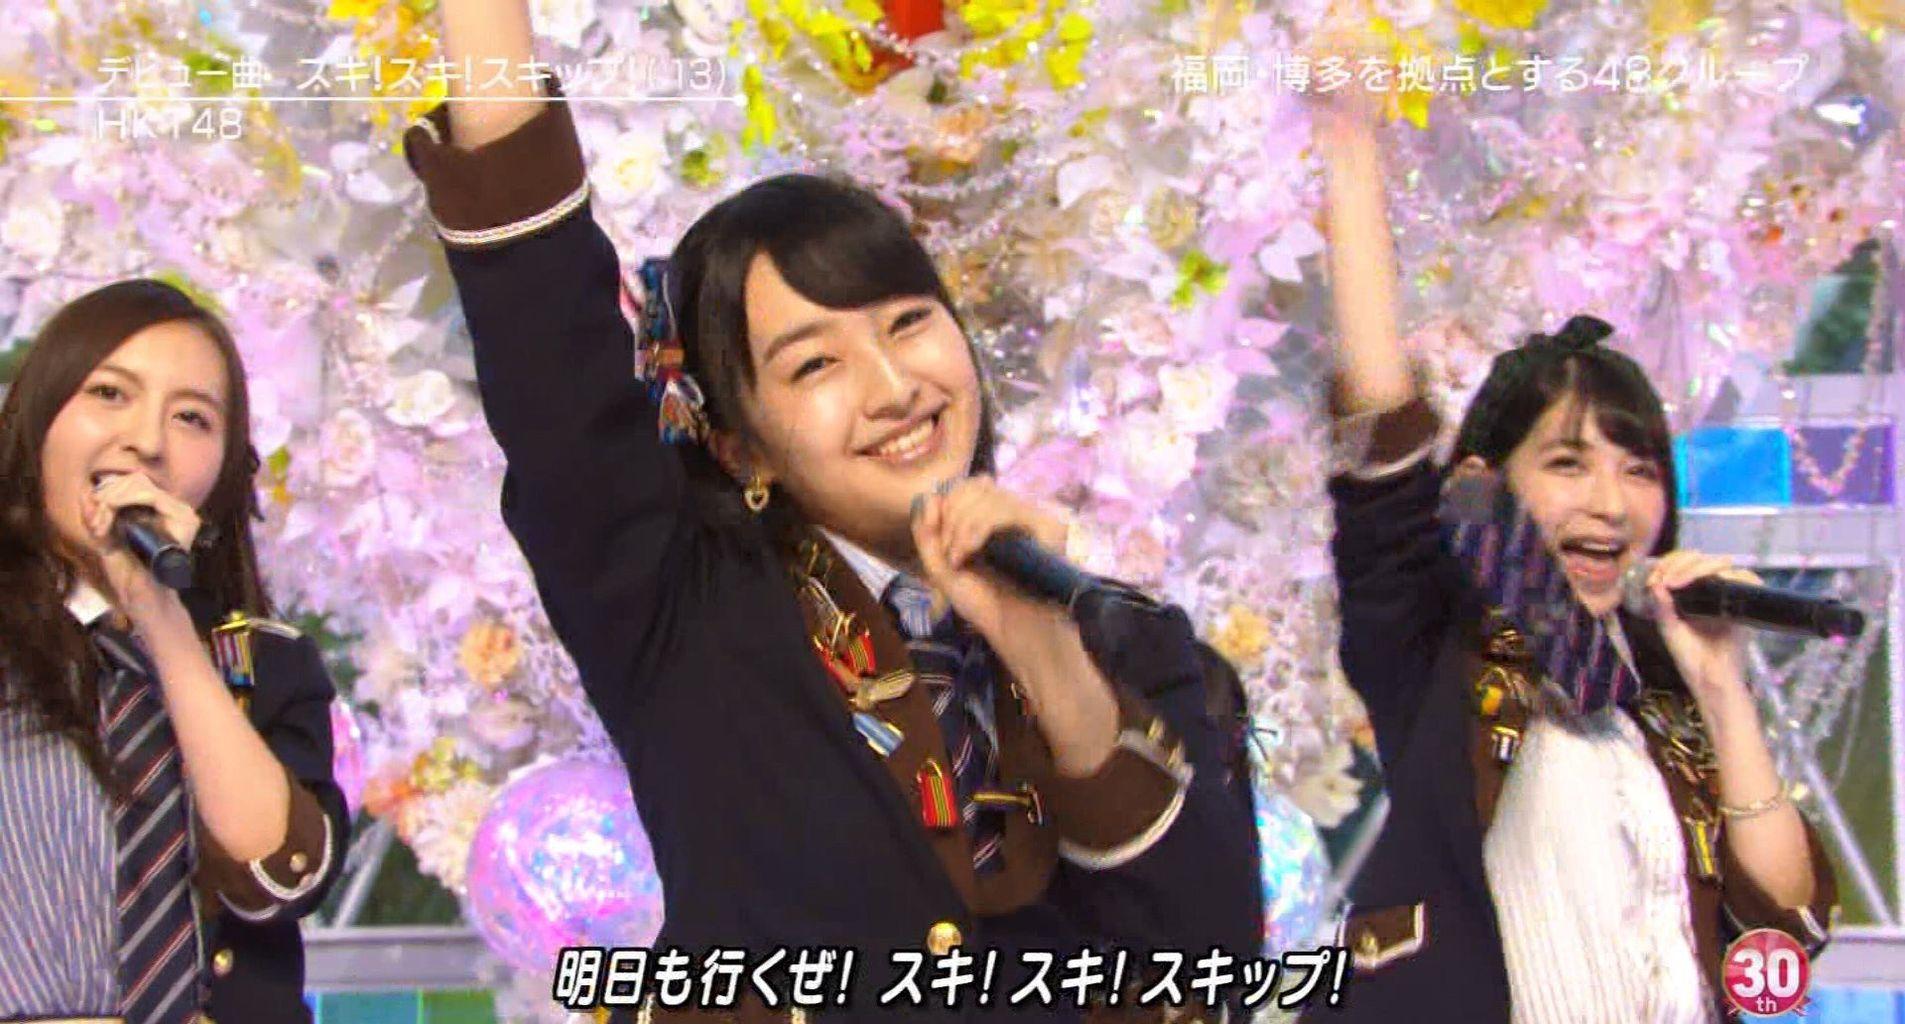 HKT48の非選抜メンバー「シングル発売も選抜発表も事後報告だったwwww」